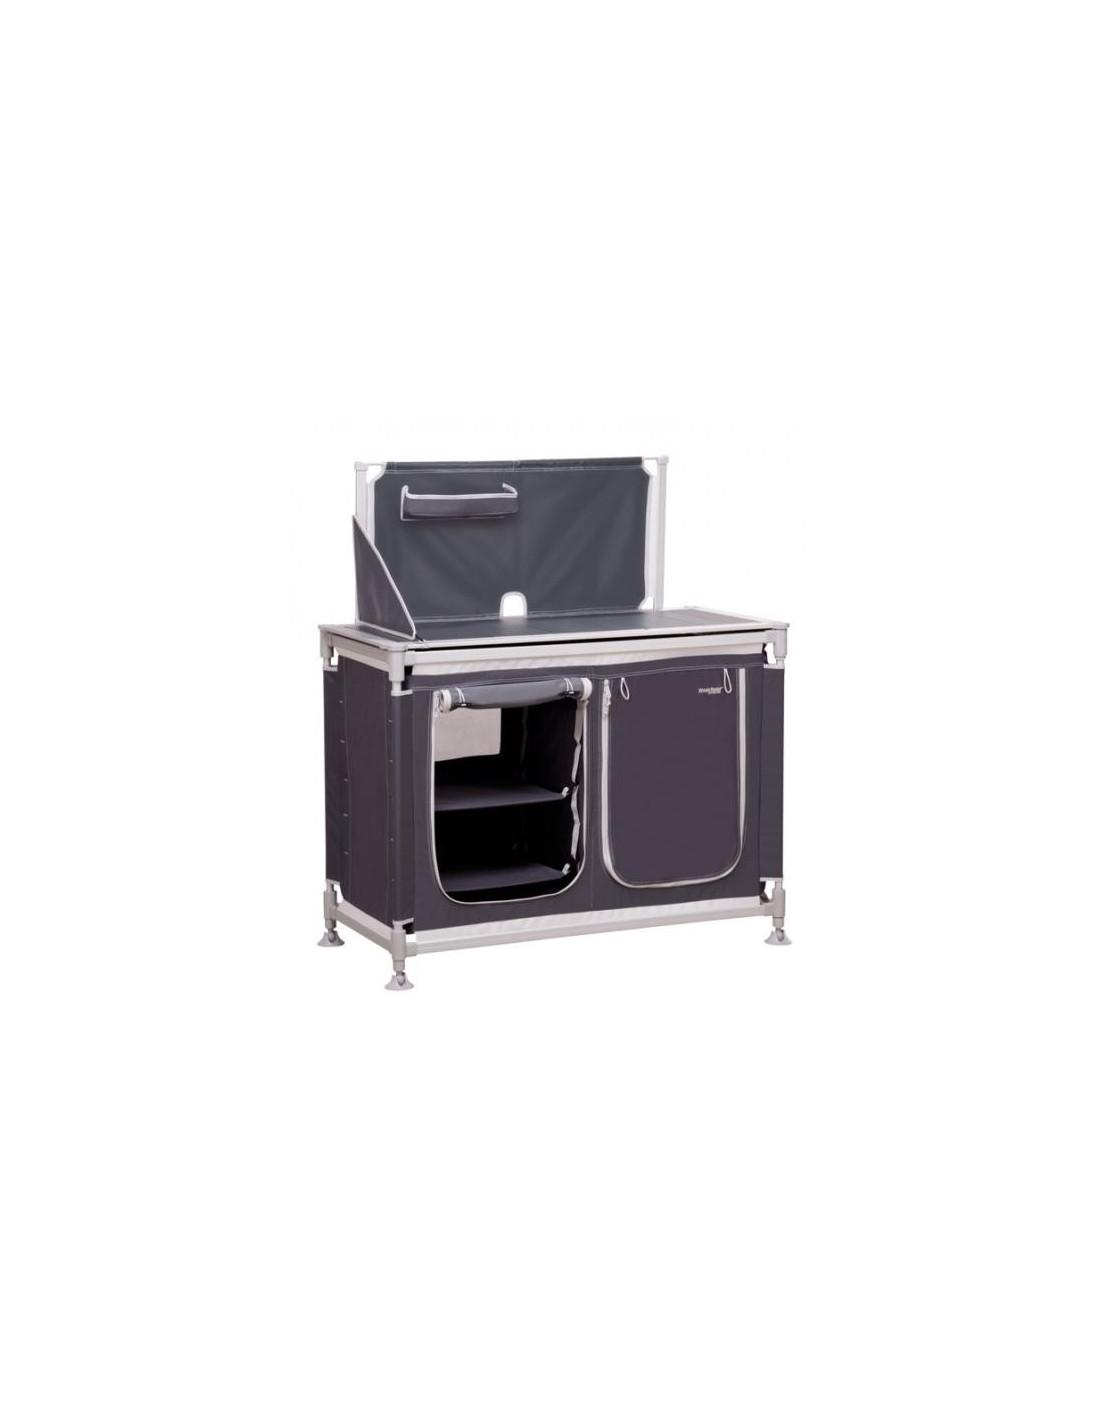 Mueble cocina ALTA CALIDAD aluminio Westfield 4 estantes. | Tienda ...